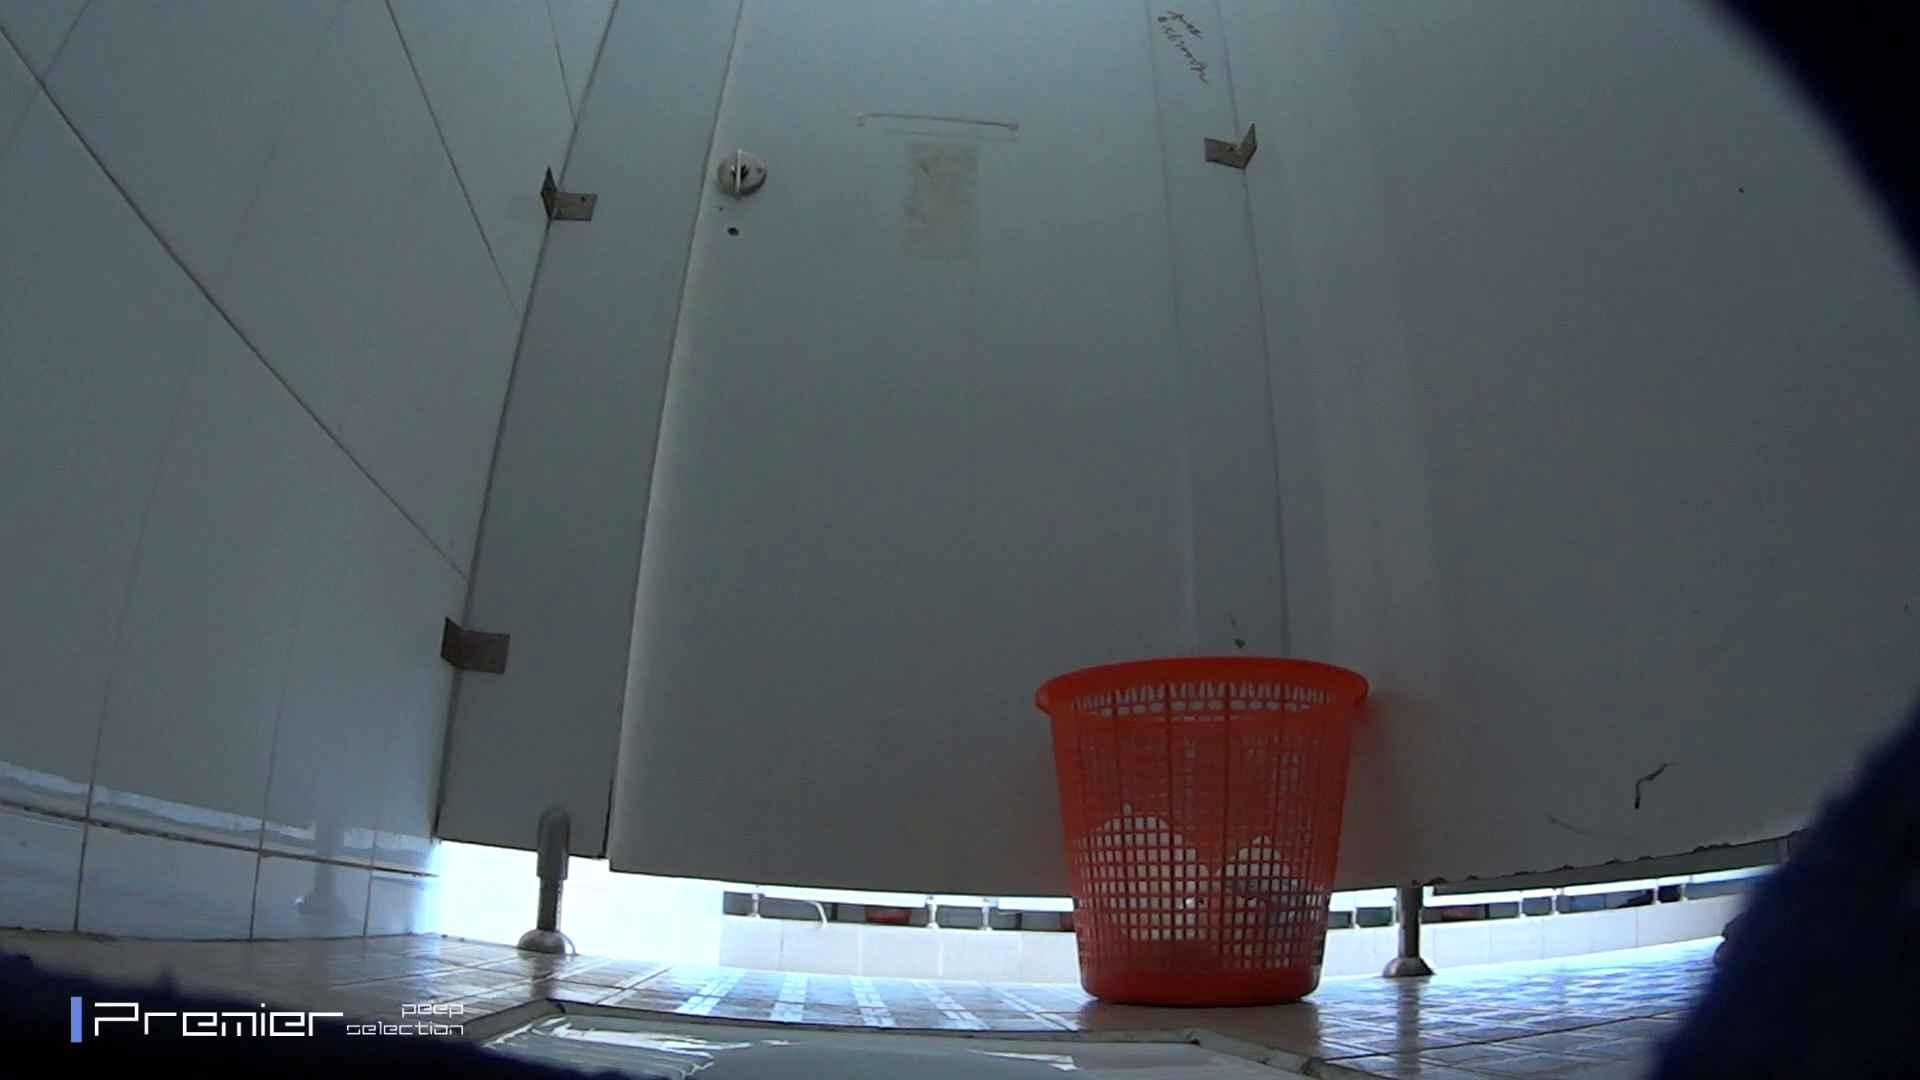 アジアンビューティー達の聖水 大学休憩時間の洗面所事情24 盗撮 おまんこ動画流出 67PIX 27